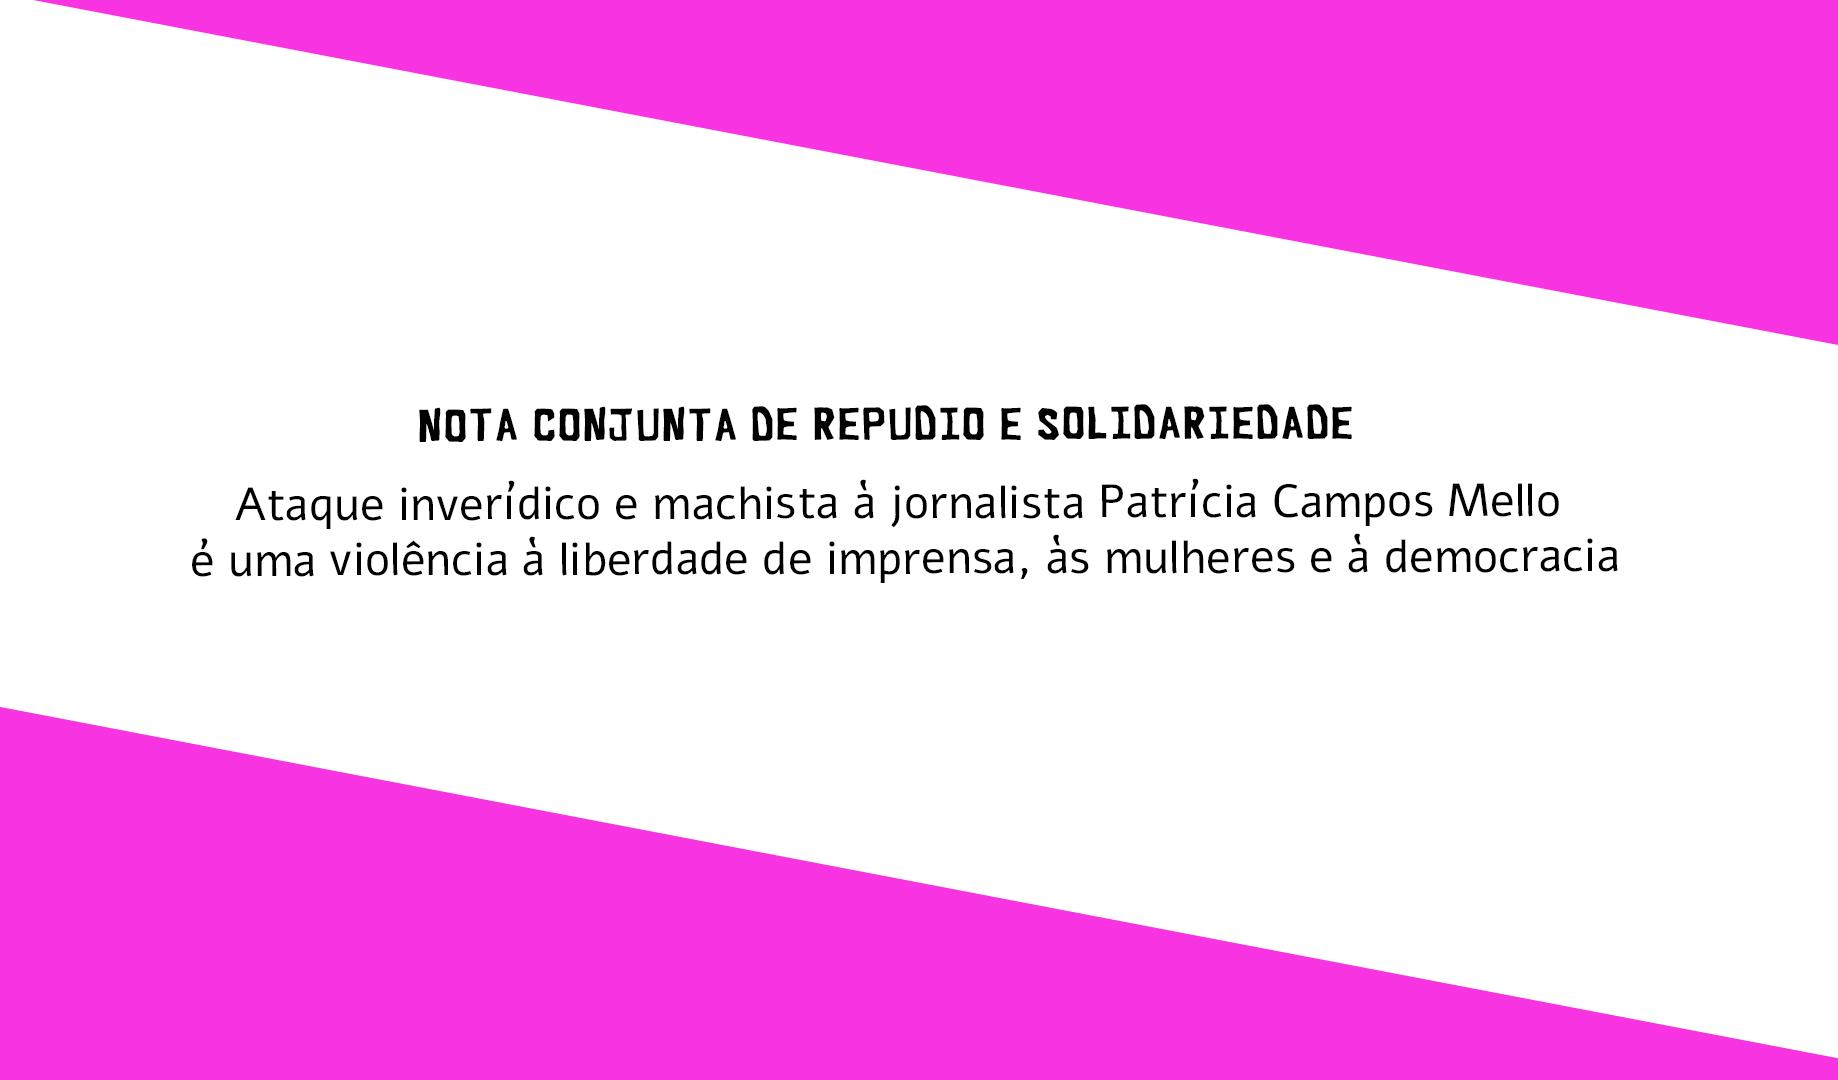 Nota de repúdio e solidariedade: Ataque inverídico e machista à jornalista Patrícia Campos Mello é uma violência à liberdade de imprensa, às mulheres e à democracia